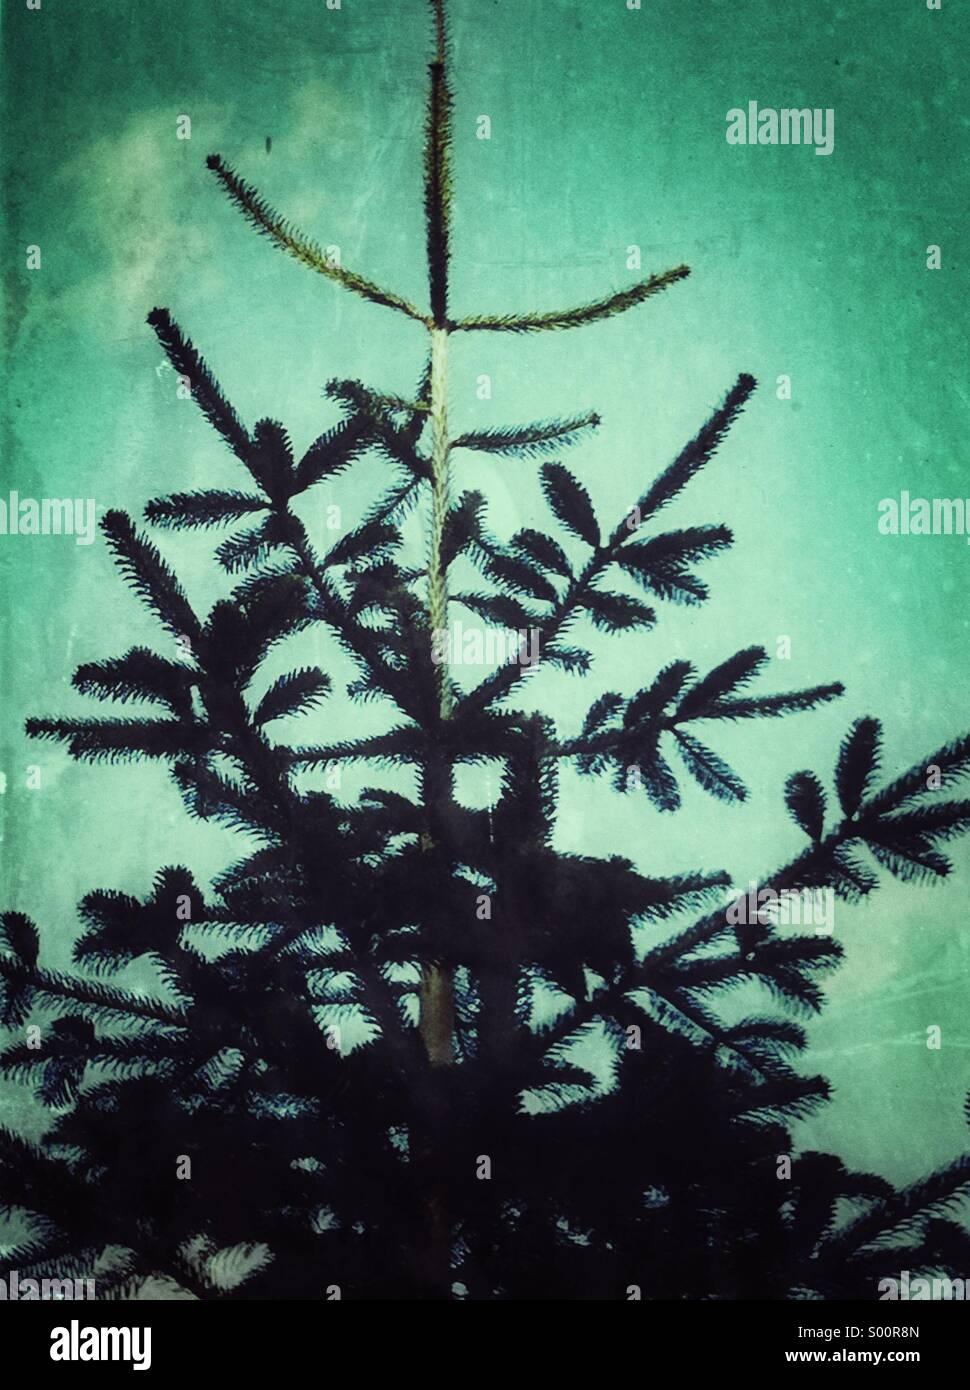 Alpine Baum Grunge Texturen Stockbild